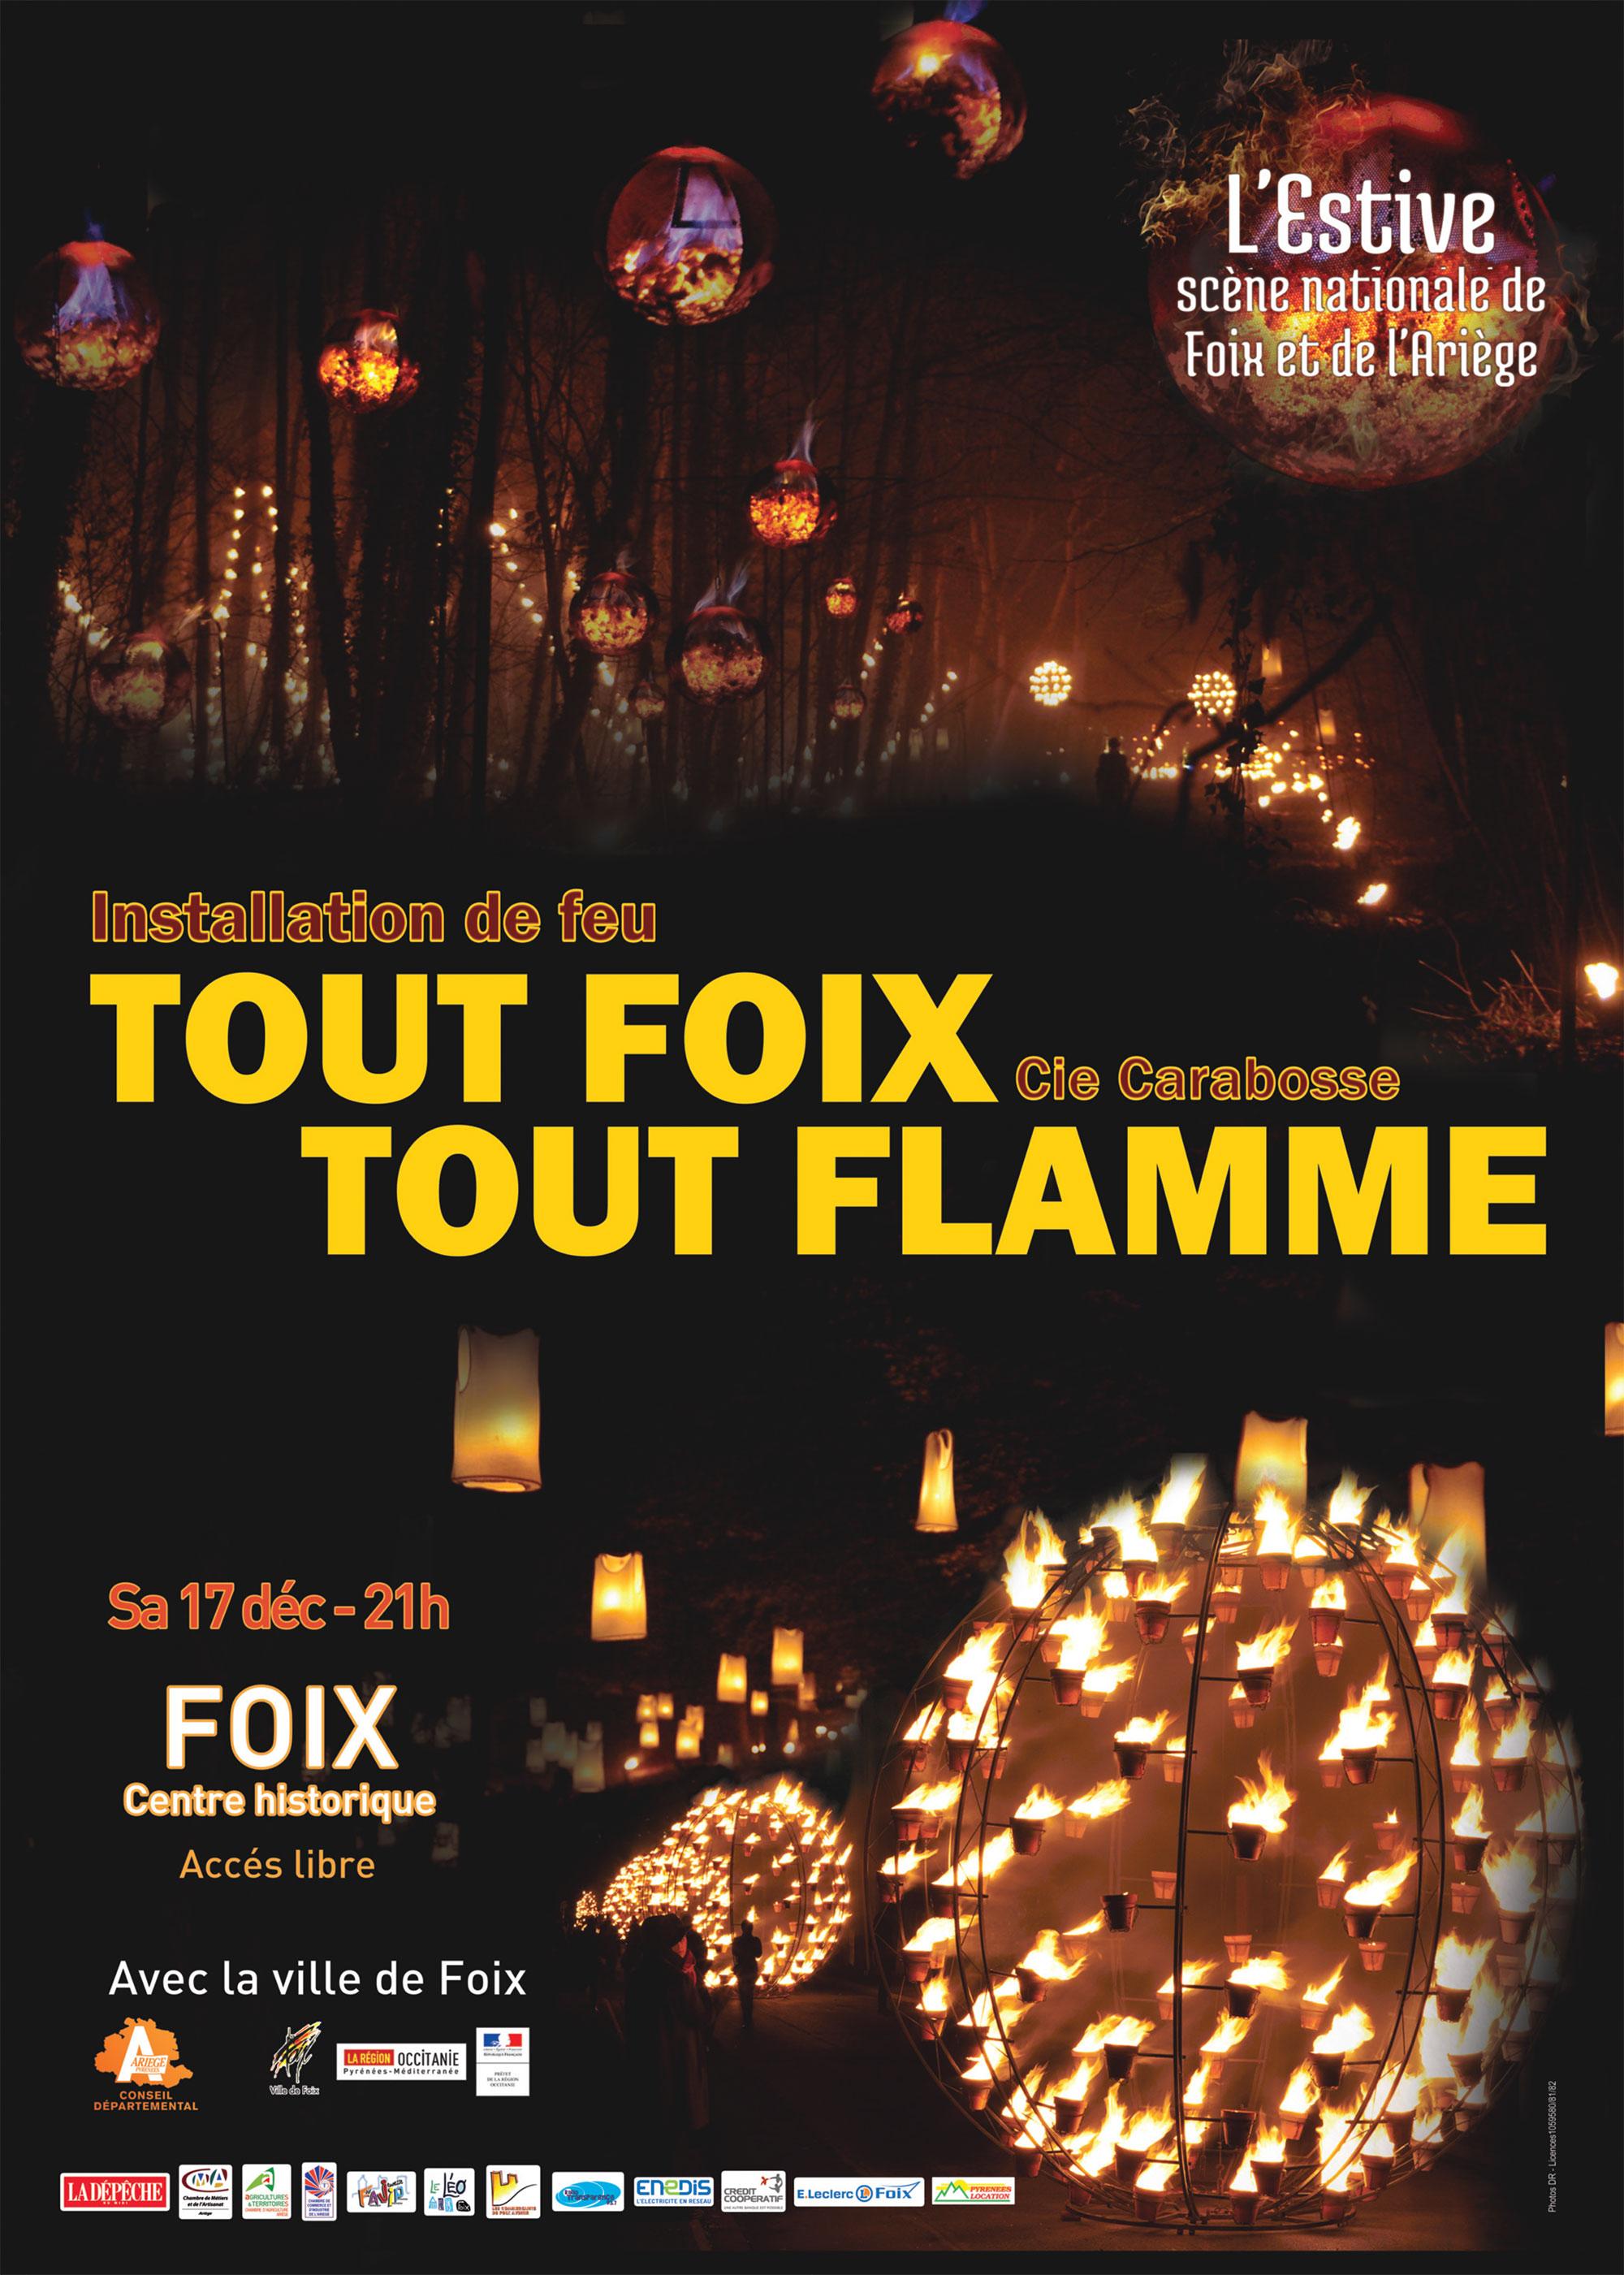 Office de tourisme de foix ari ge pyr n es - Office de tourisme de foix ...